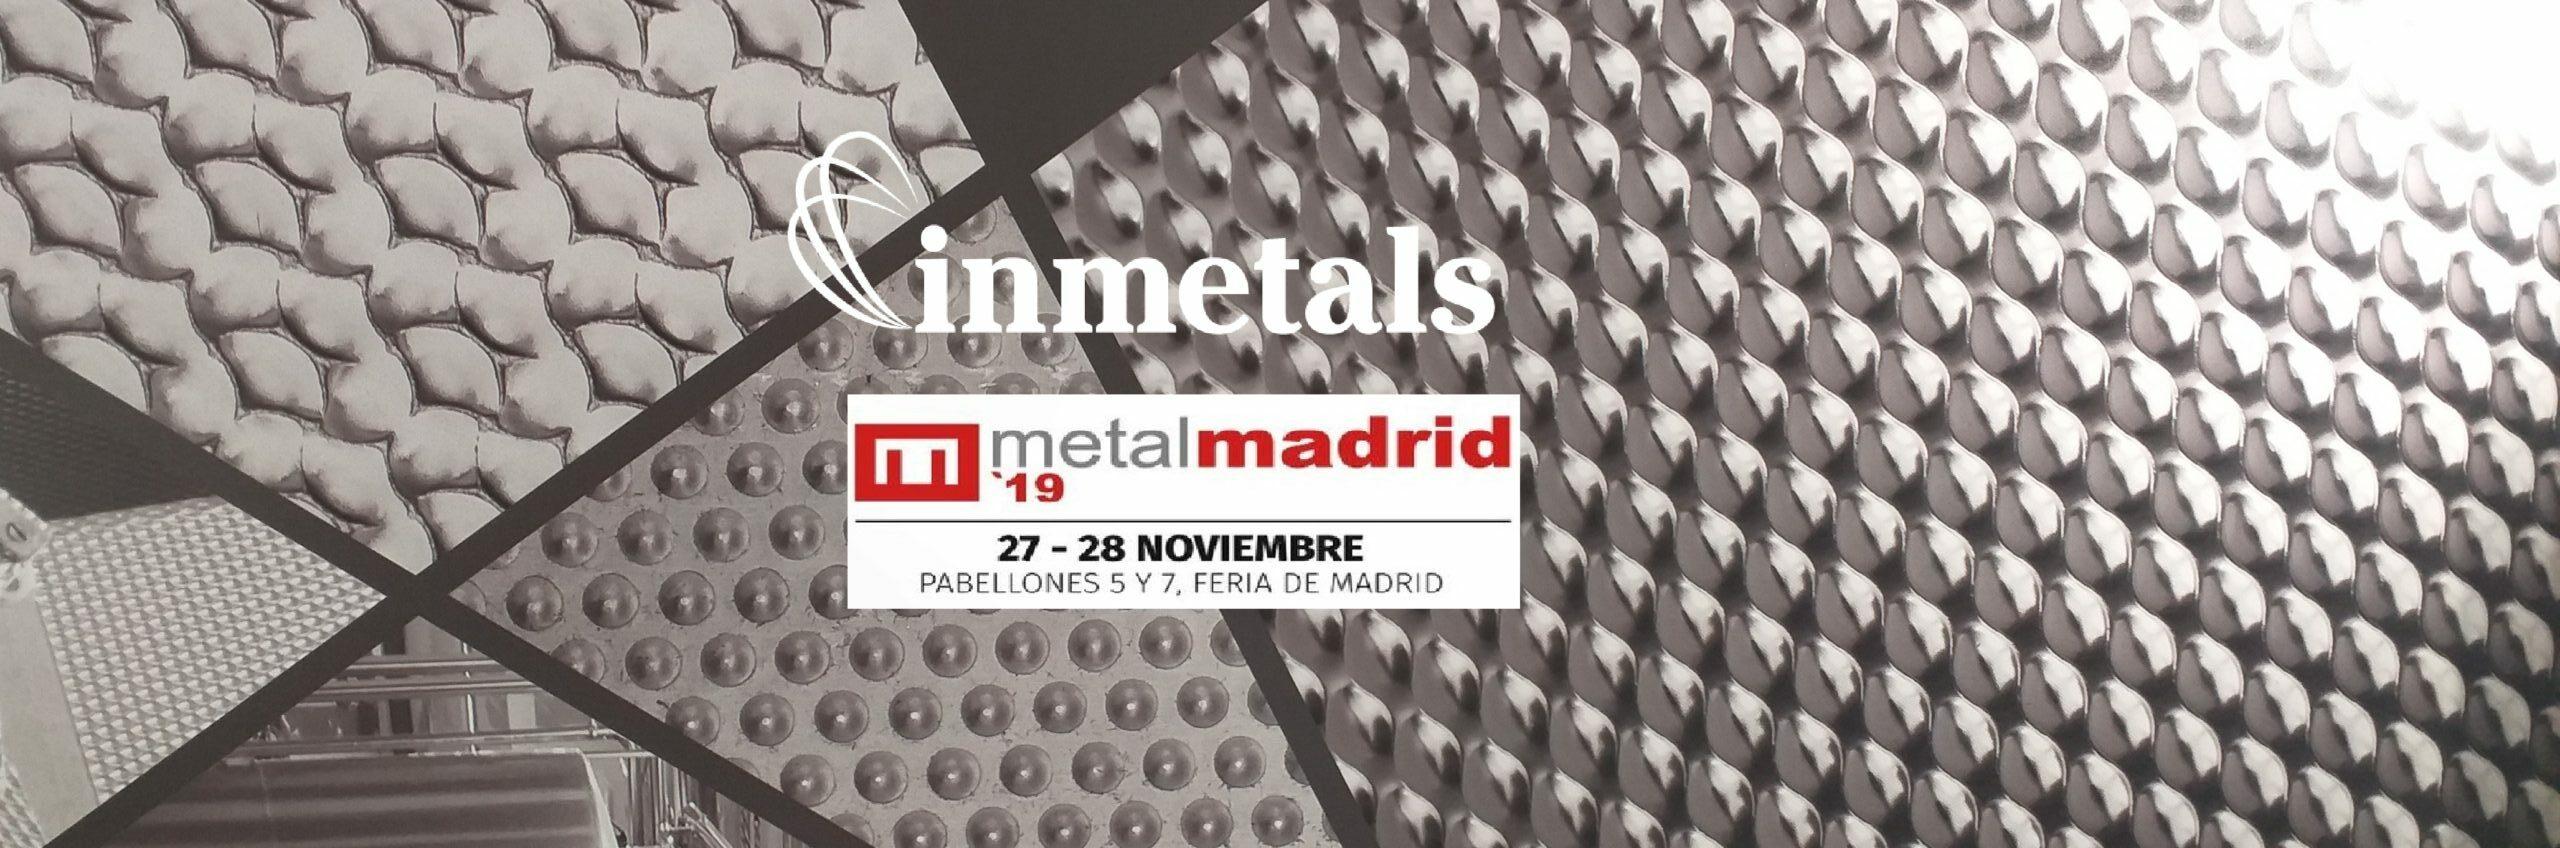 MetalMadrid'19